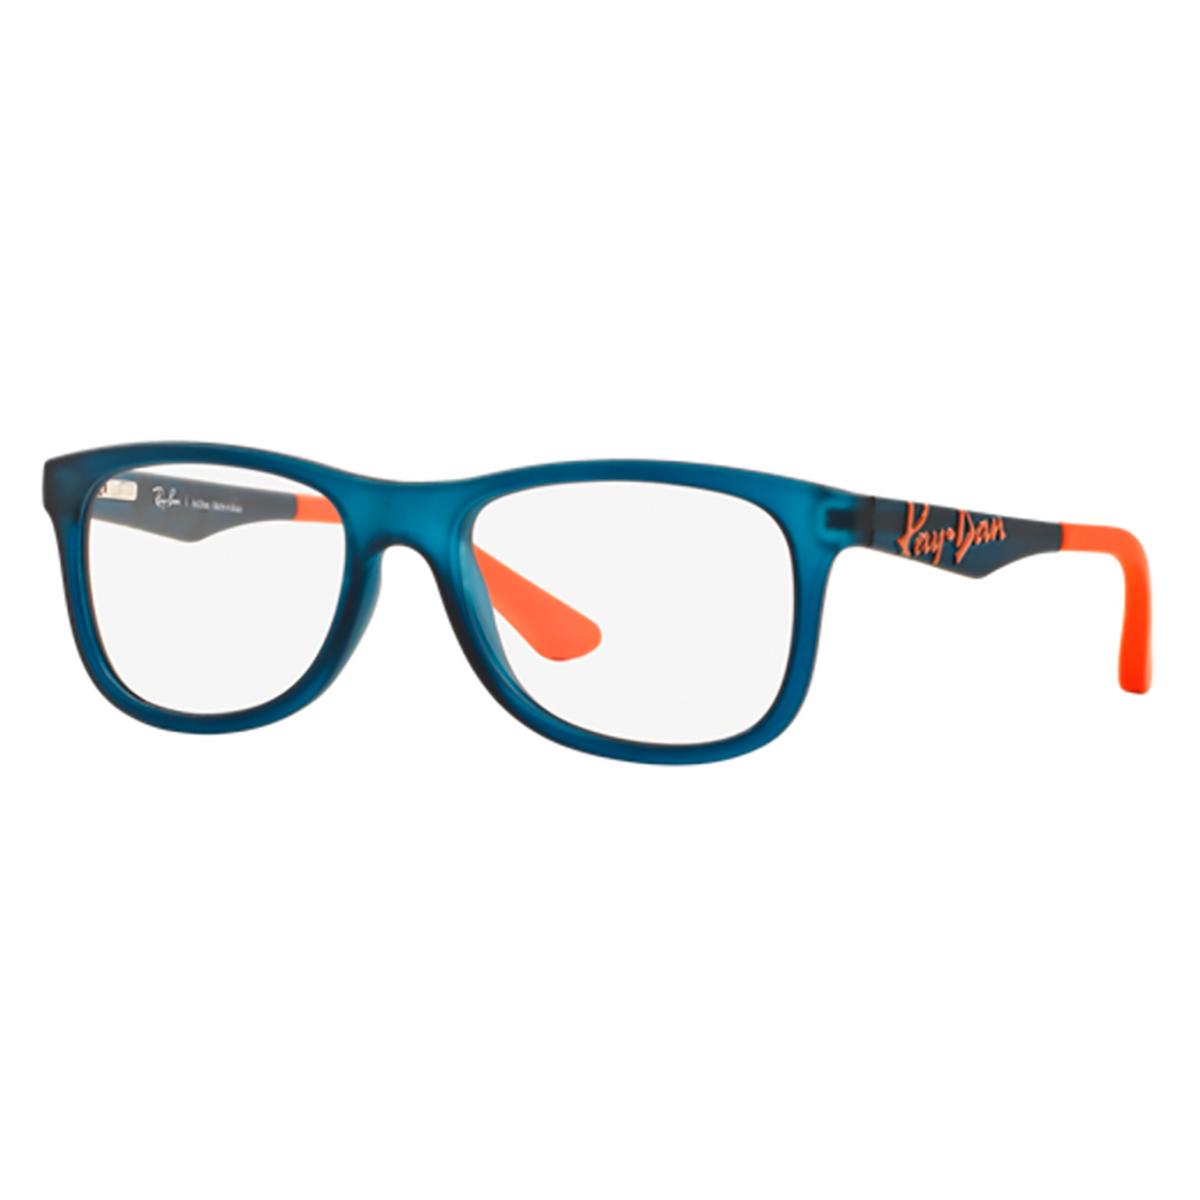 4485e3709492a Óculos de Grau Ray Ban Infantil RB1551l